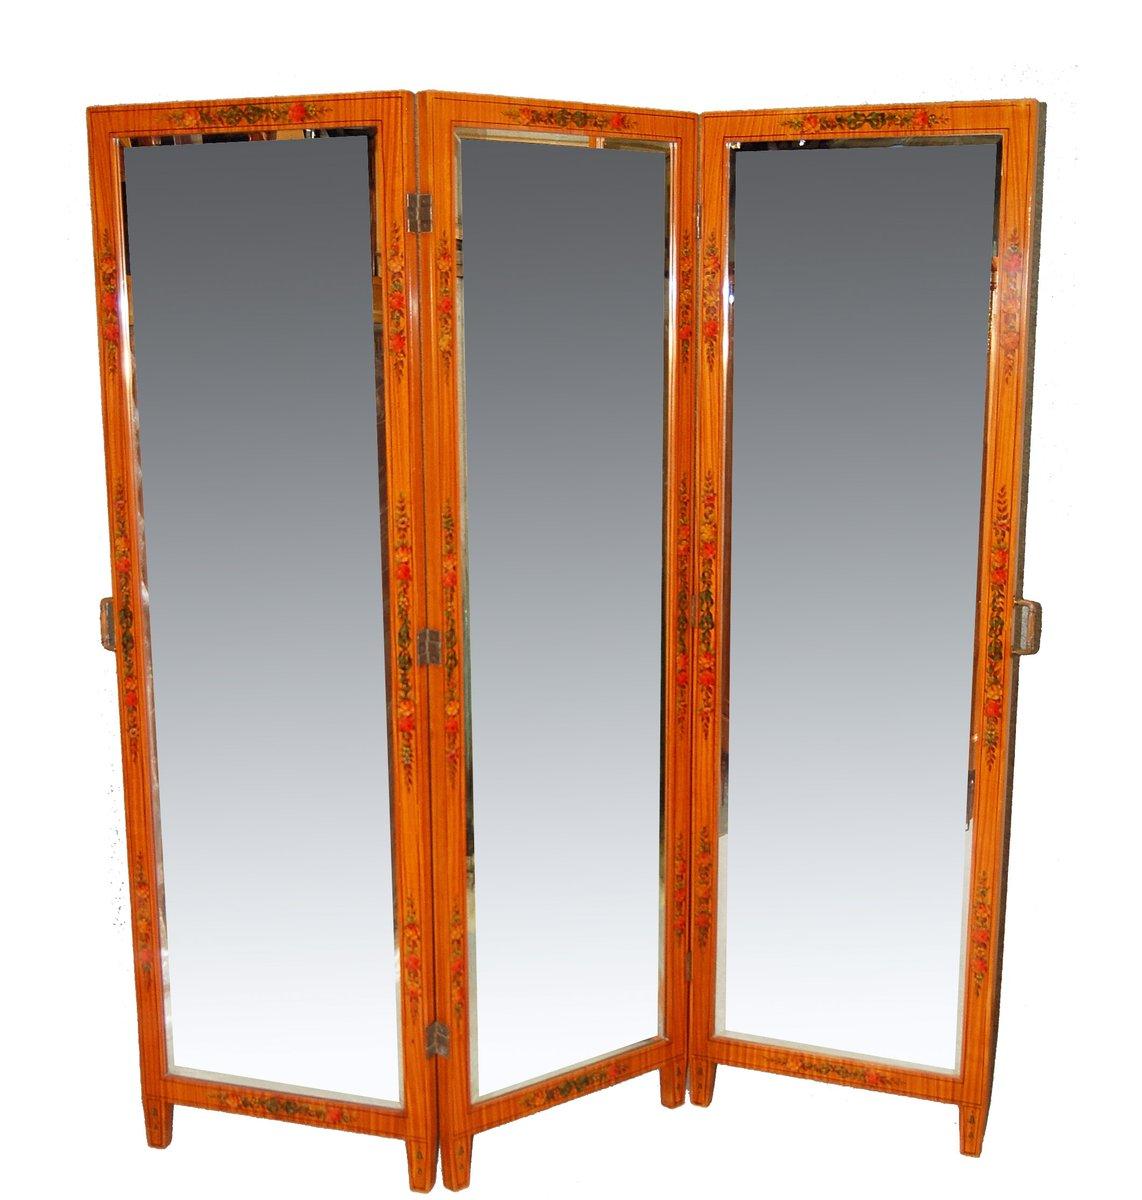 antiker raumteiler mit spiegel und mehrfarbigen verzierungen bei pamono kaufen. Black Bedroom Furniture Sets. Home Design Ideas